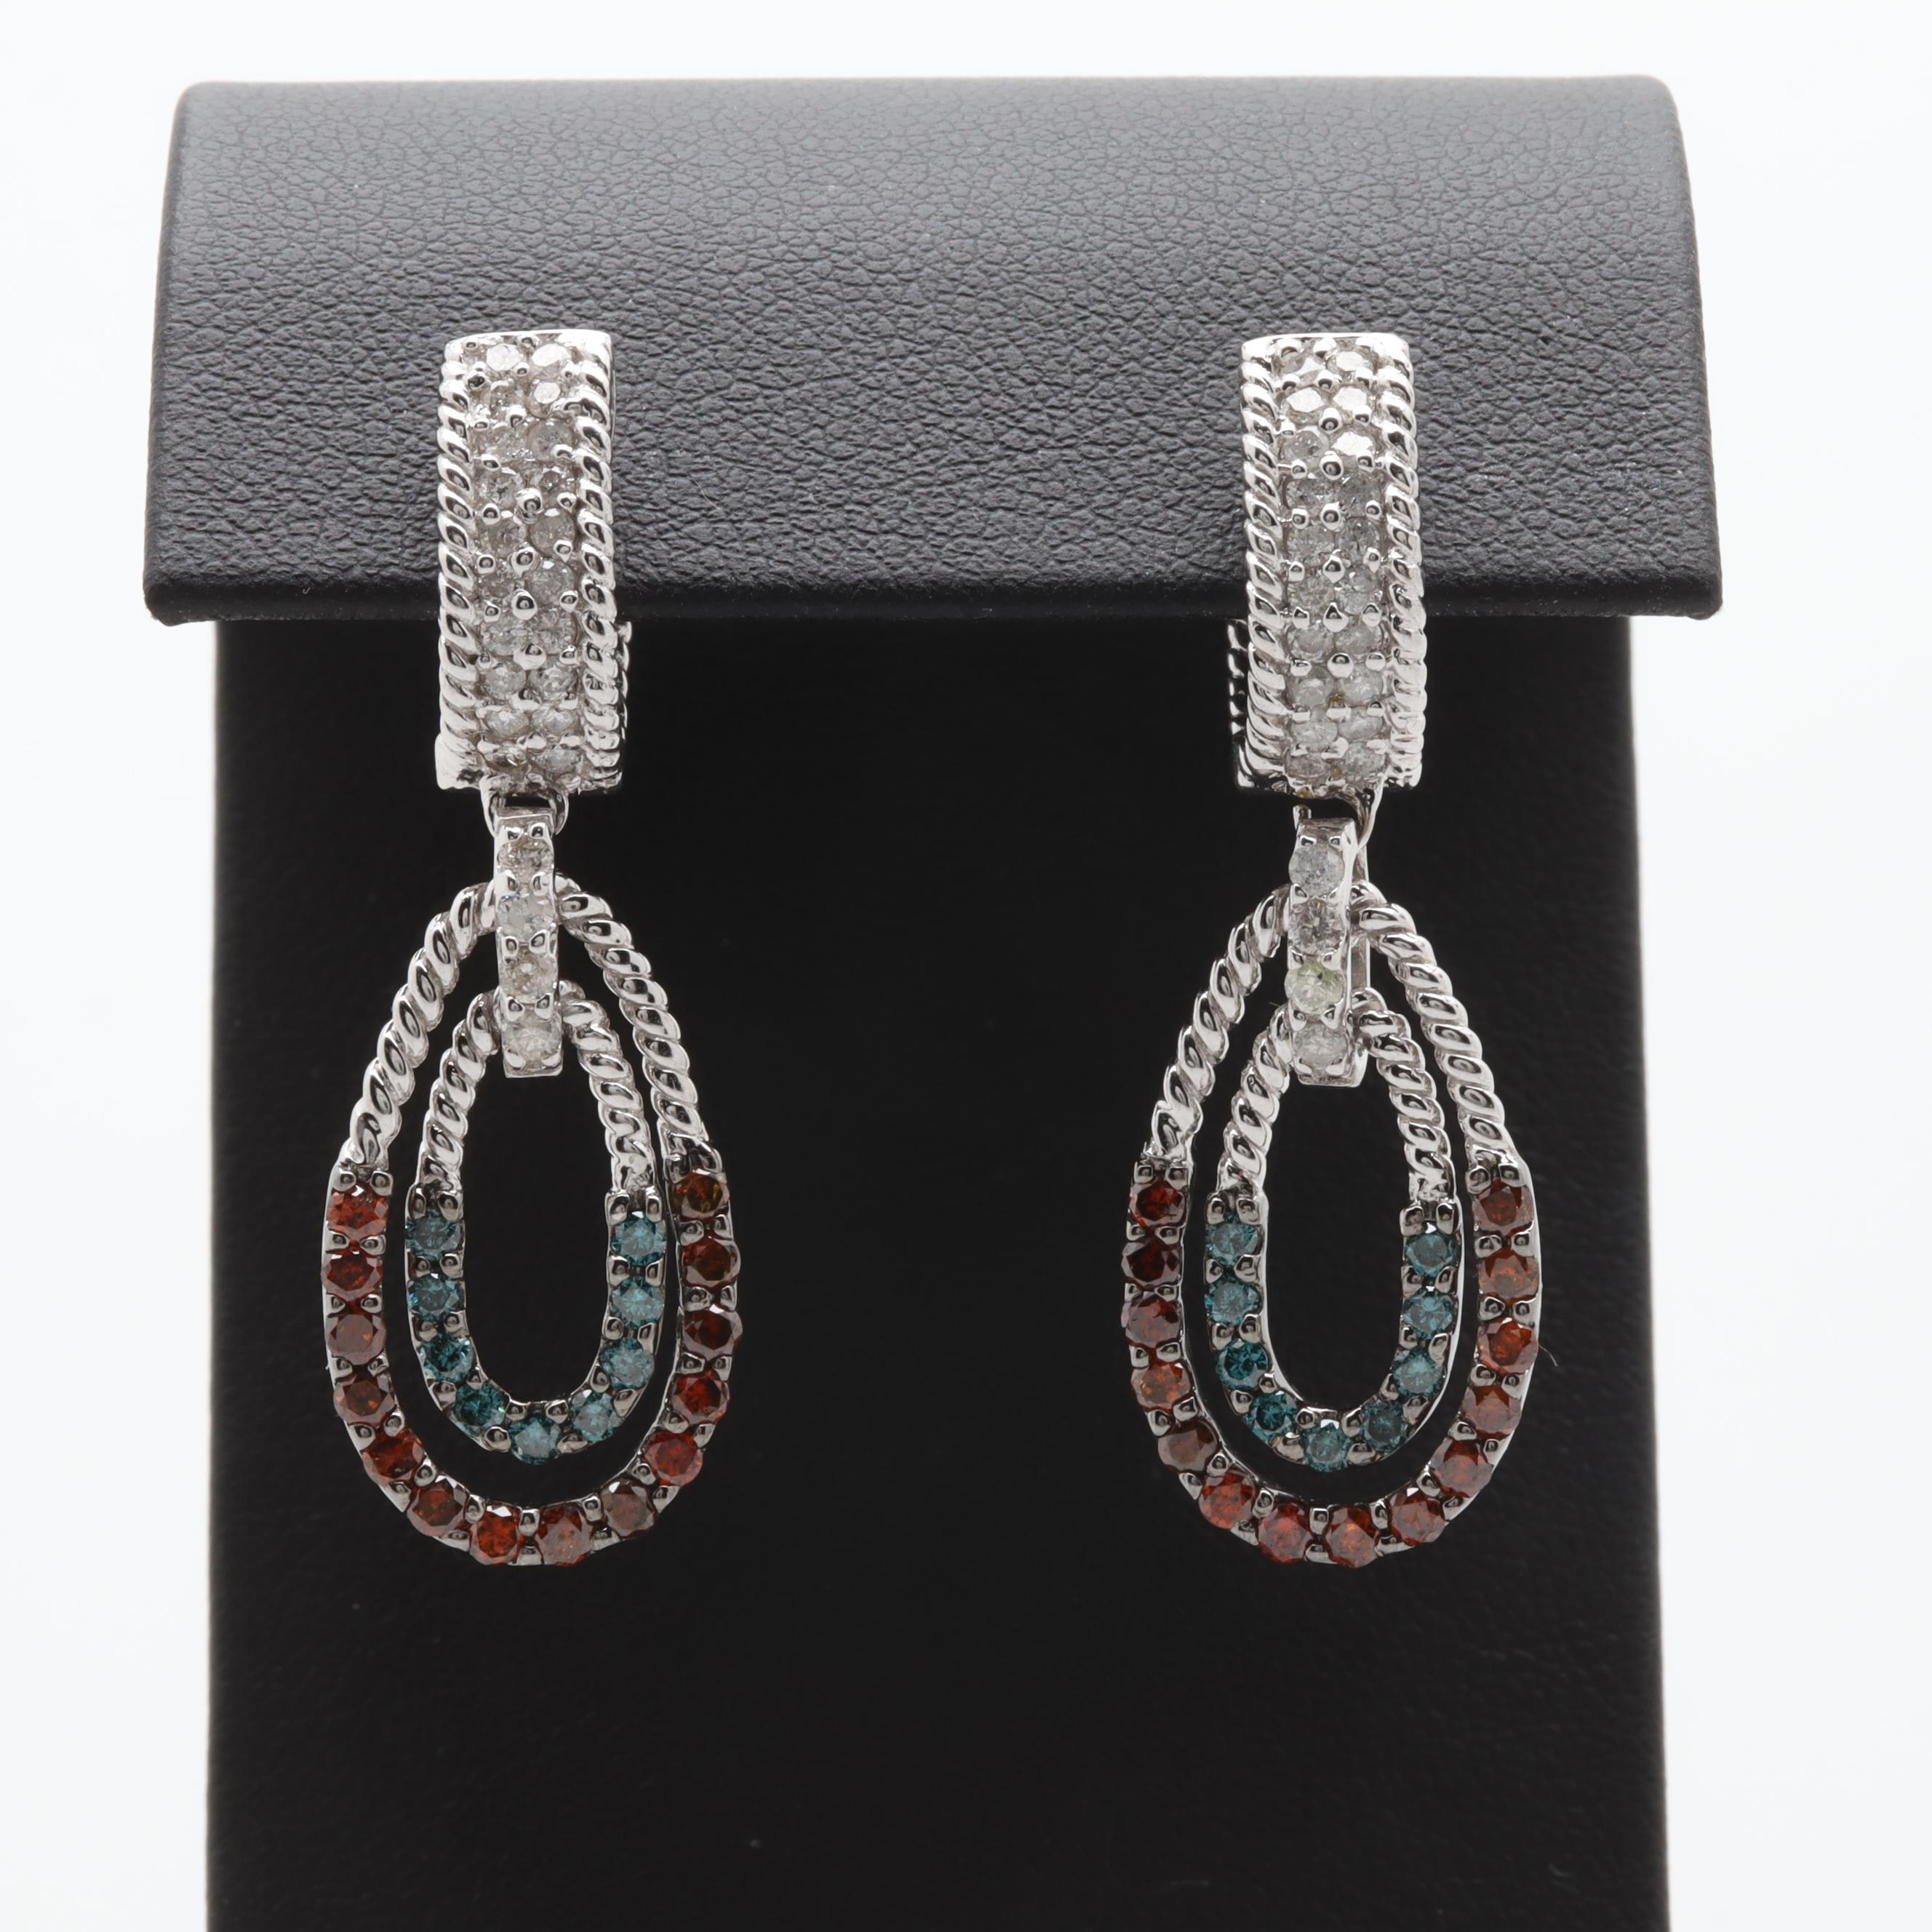 14K White Gold 2.03 CTW Diamond Earrings